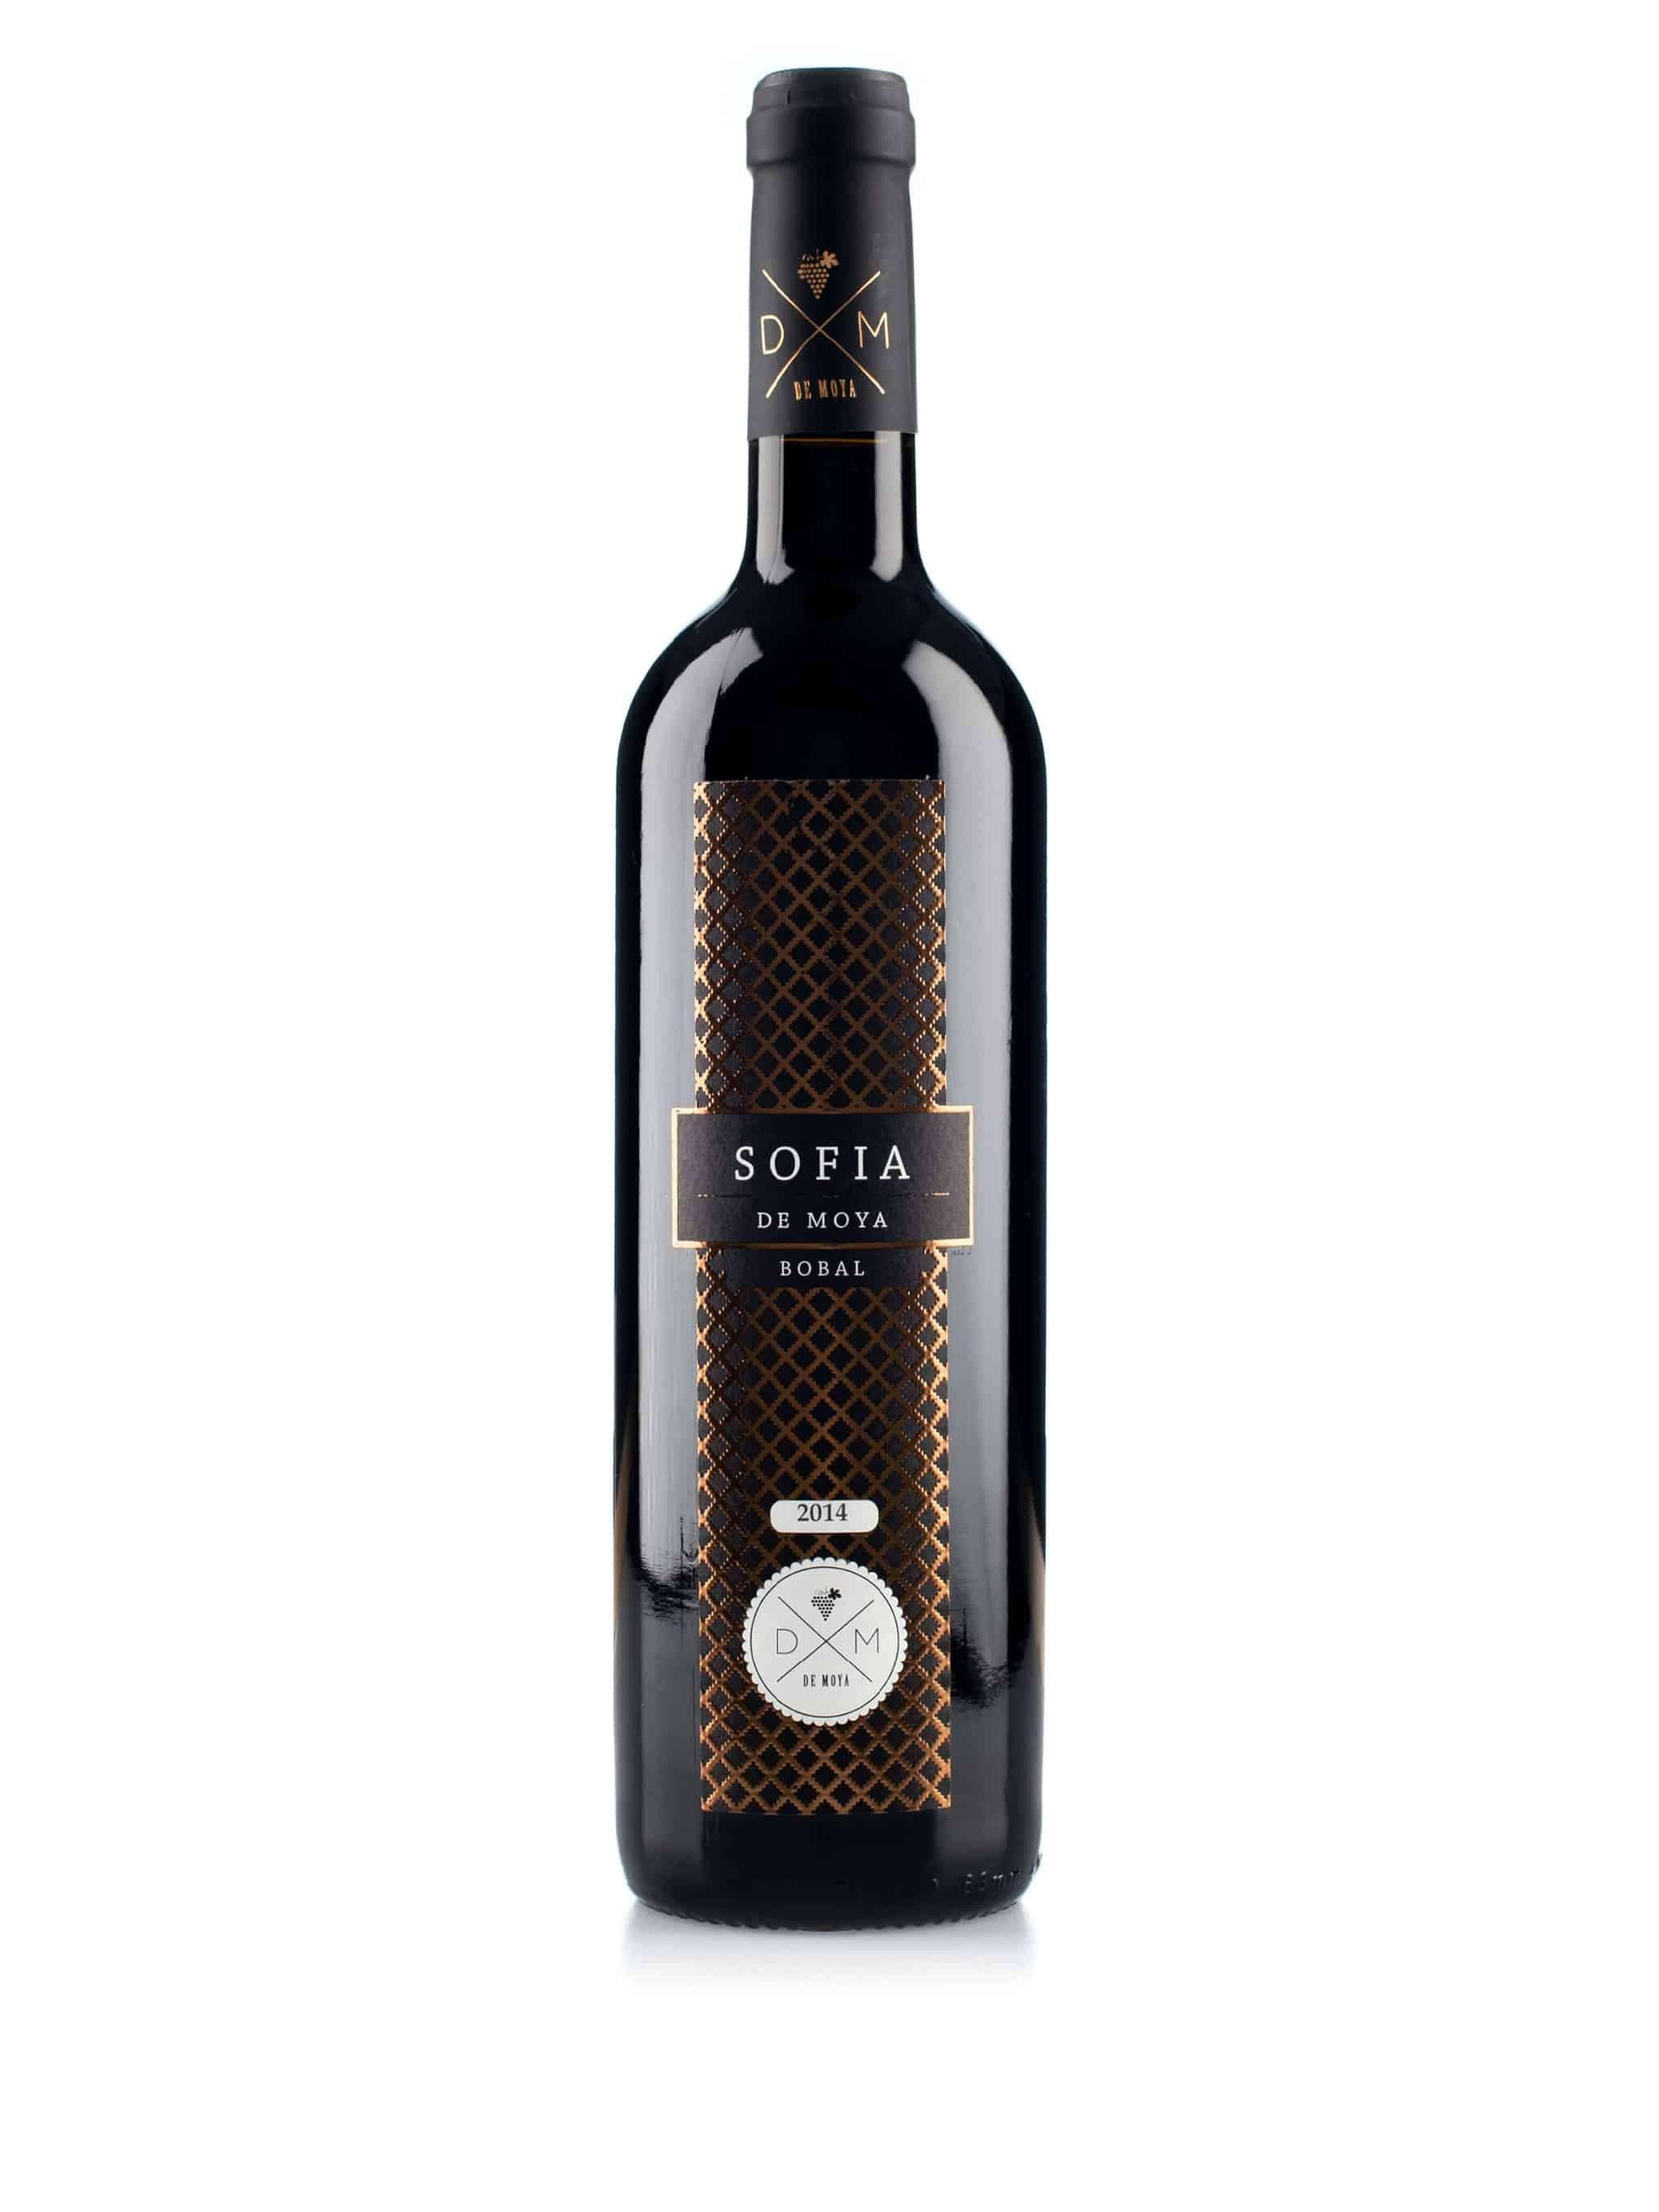 Spaanse rode wijn van wijndomein Bodegas de Moya: Sofia